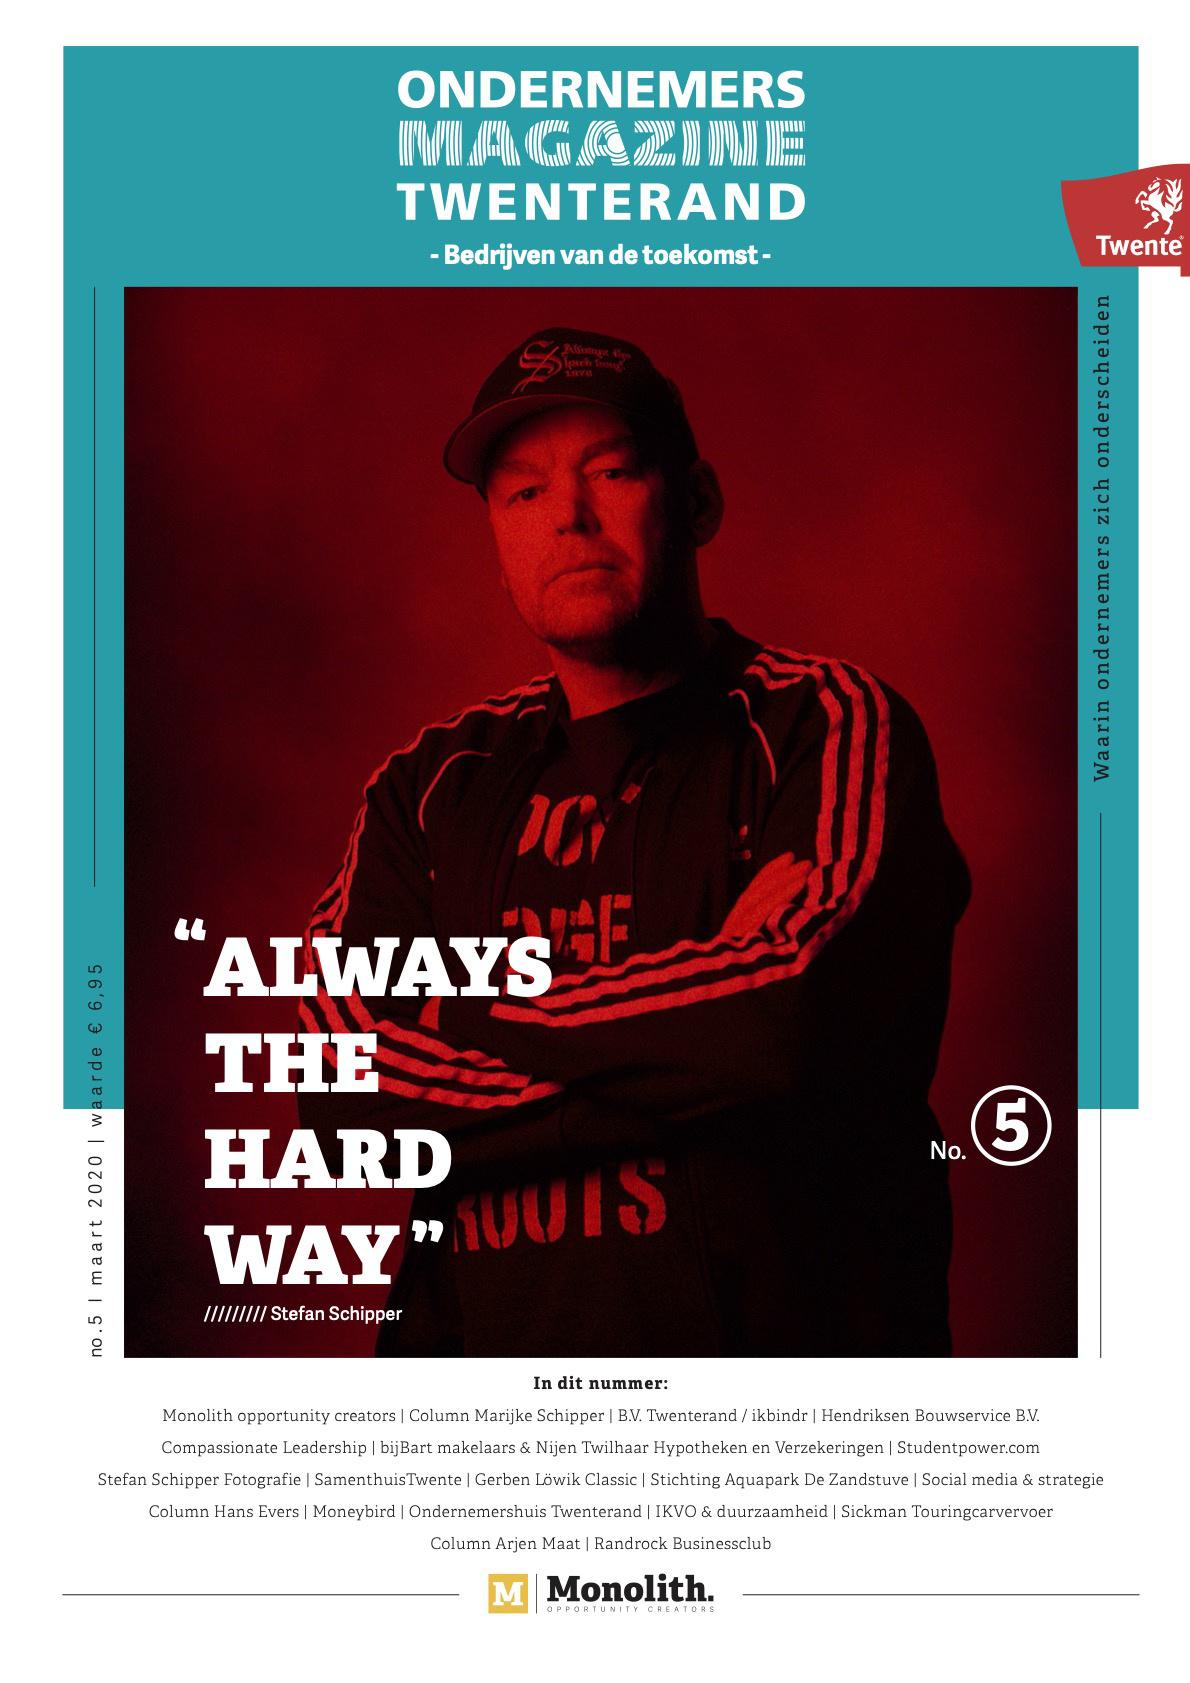 Cover ondernemersmagazine Twenterand 5 met Stefan Schipper op de voorkant.